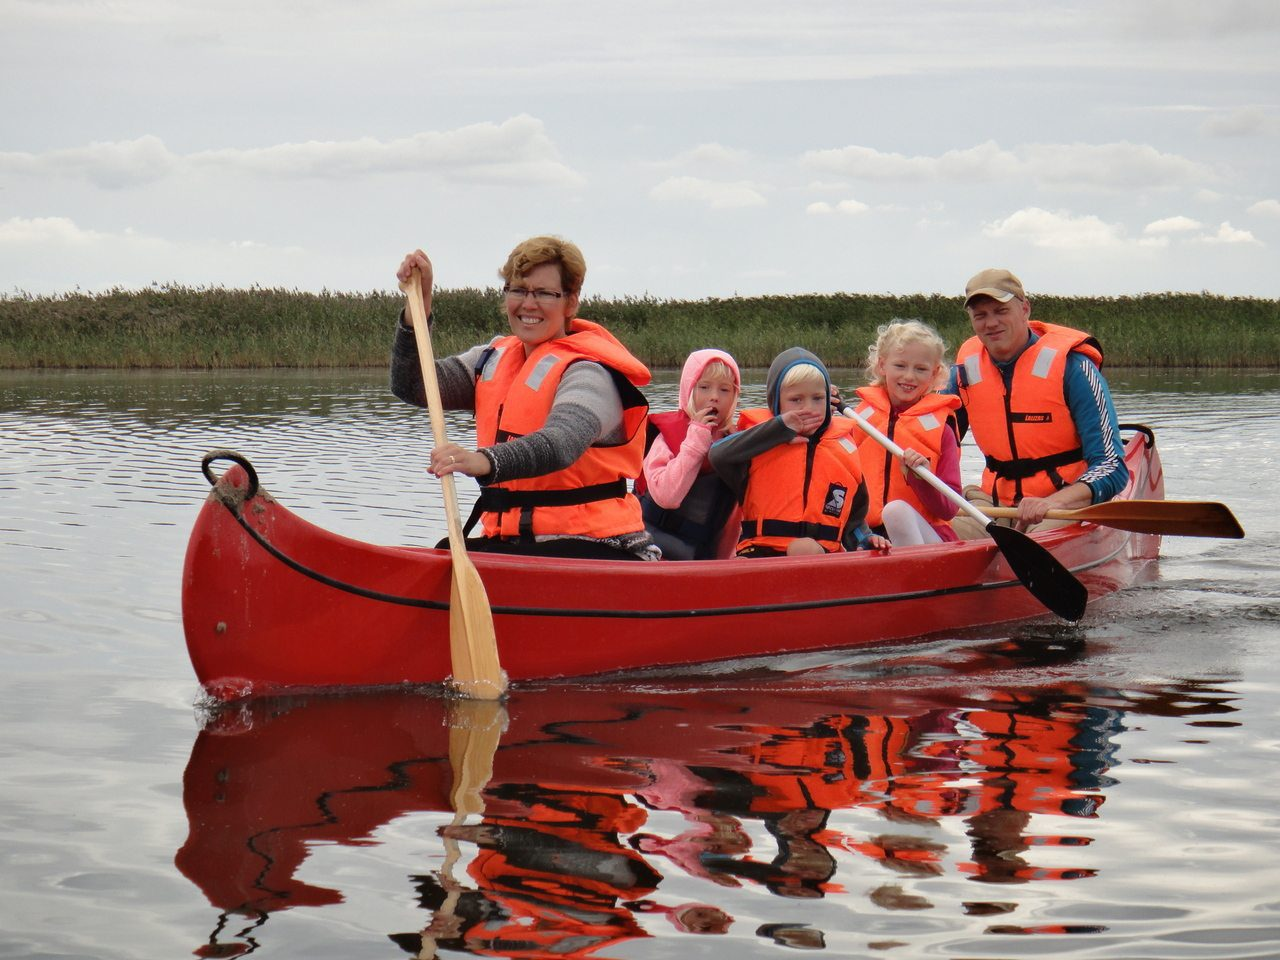 Aktiviteter - kanoudlejning